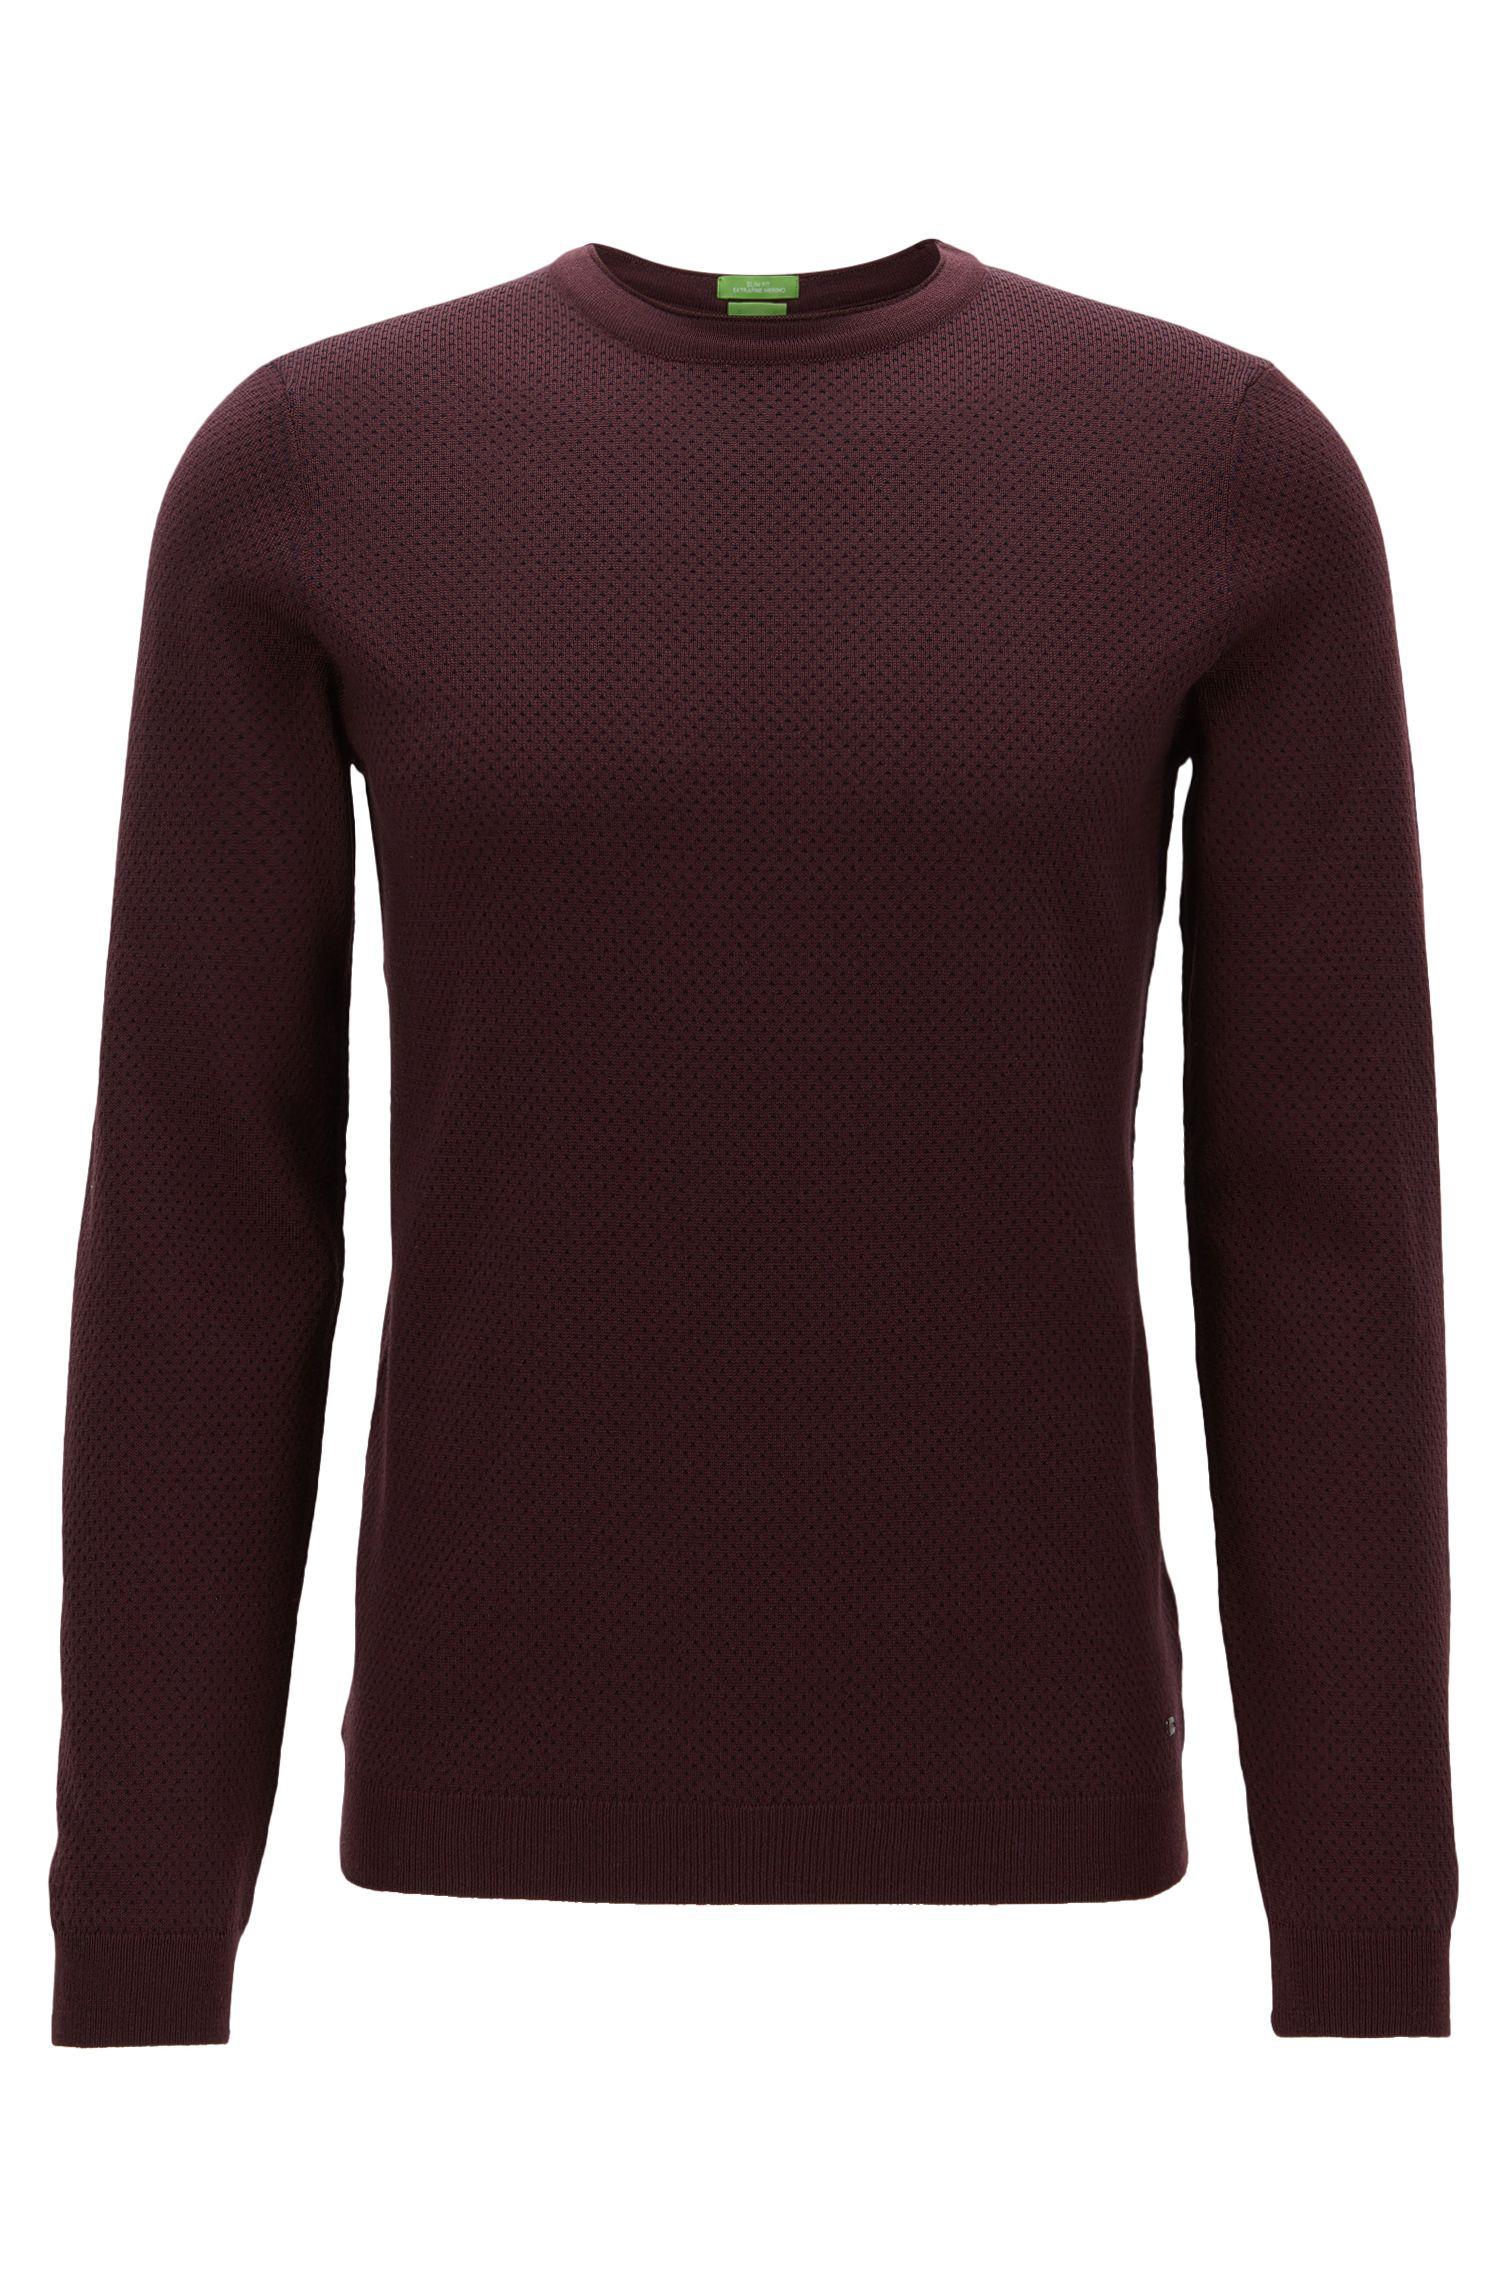 Jersey de escote redondo en lana virgen